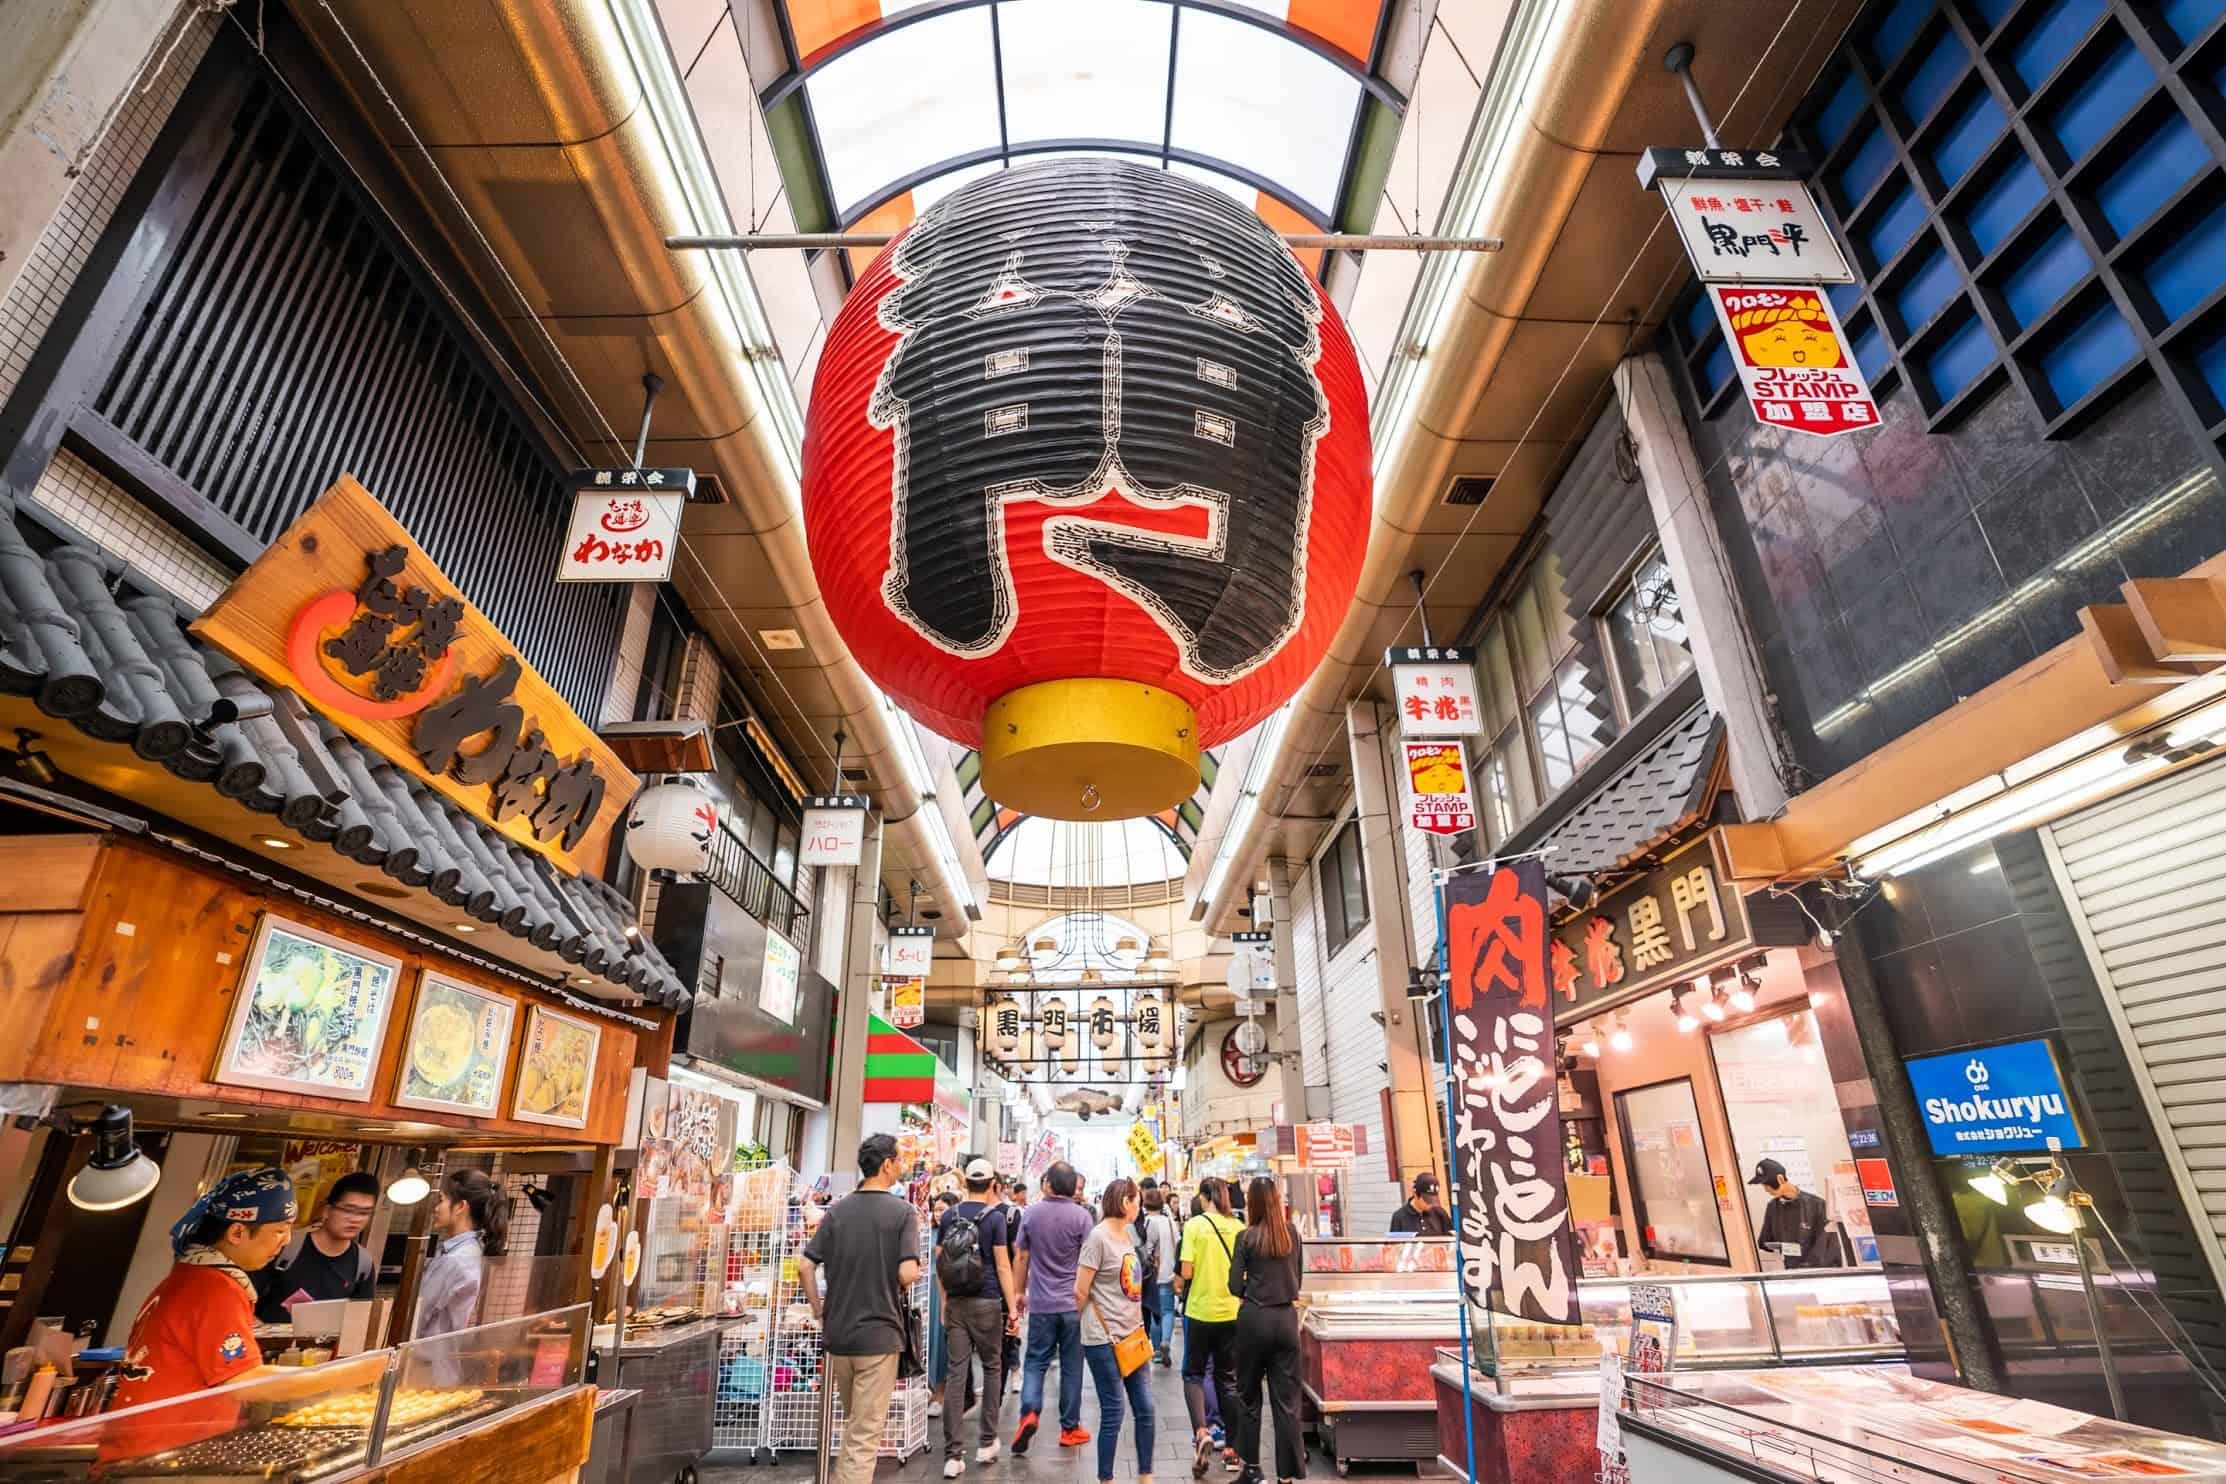 ตลาดปลาคุโรมง (Kuromon Fish Market) โอซาก้า (Osaka)